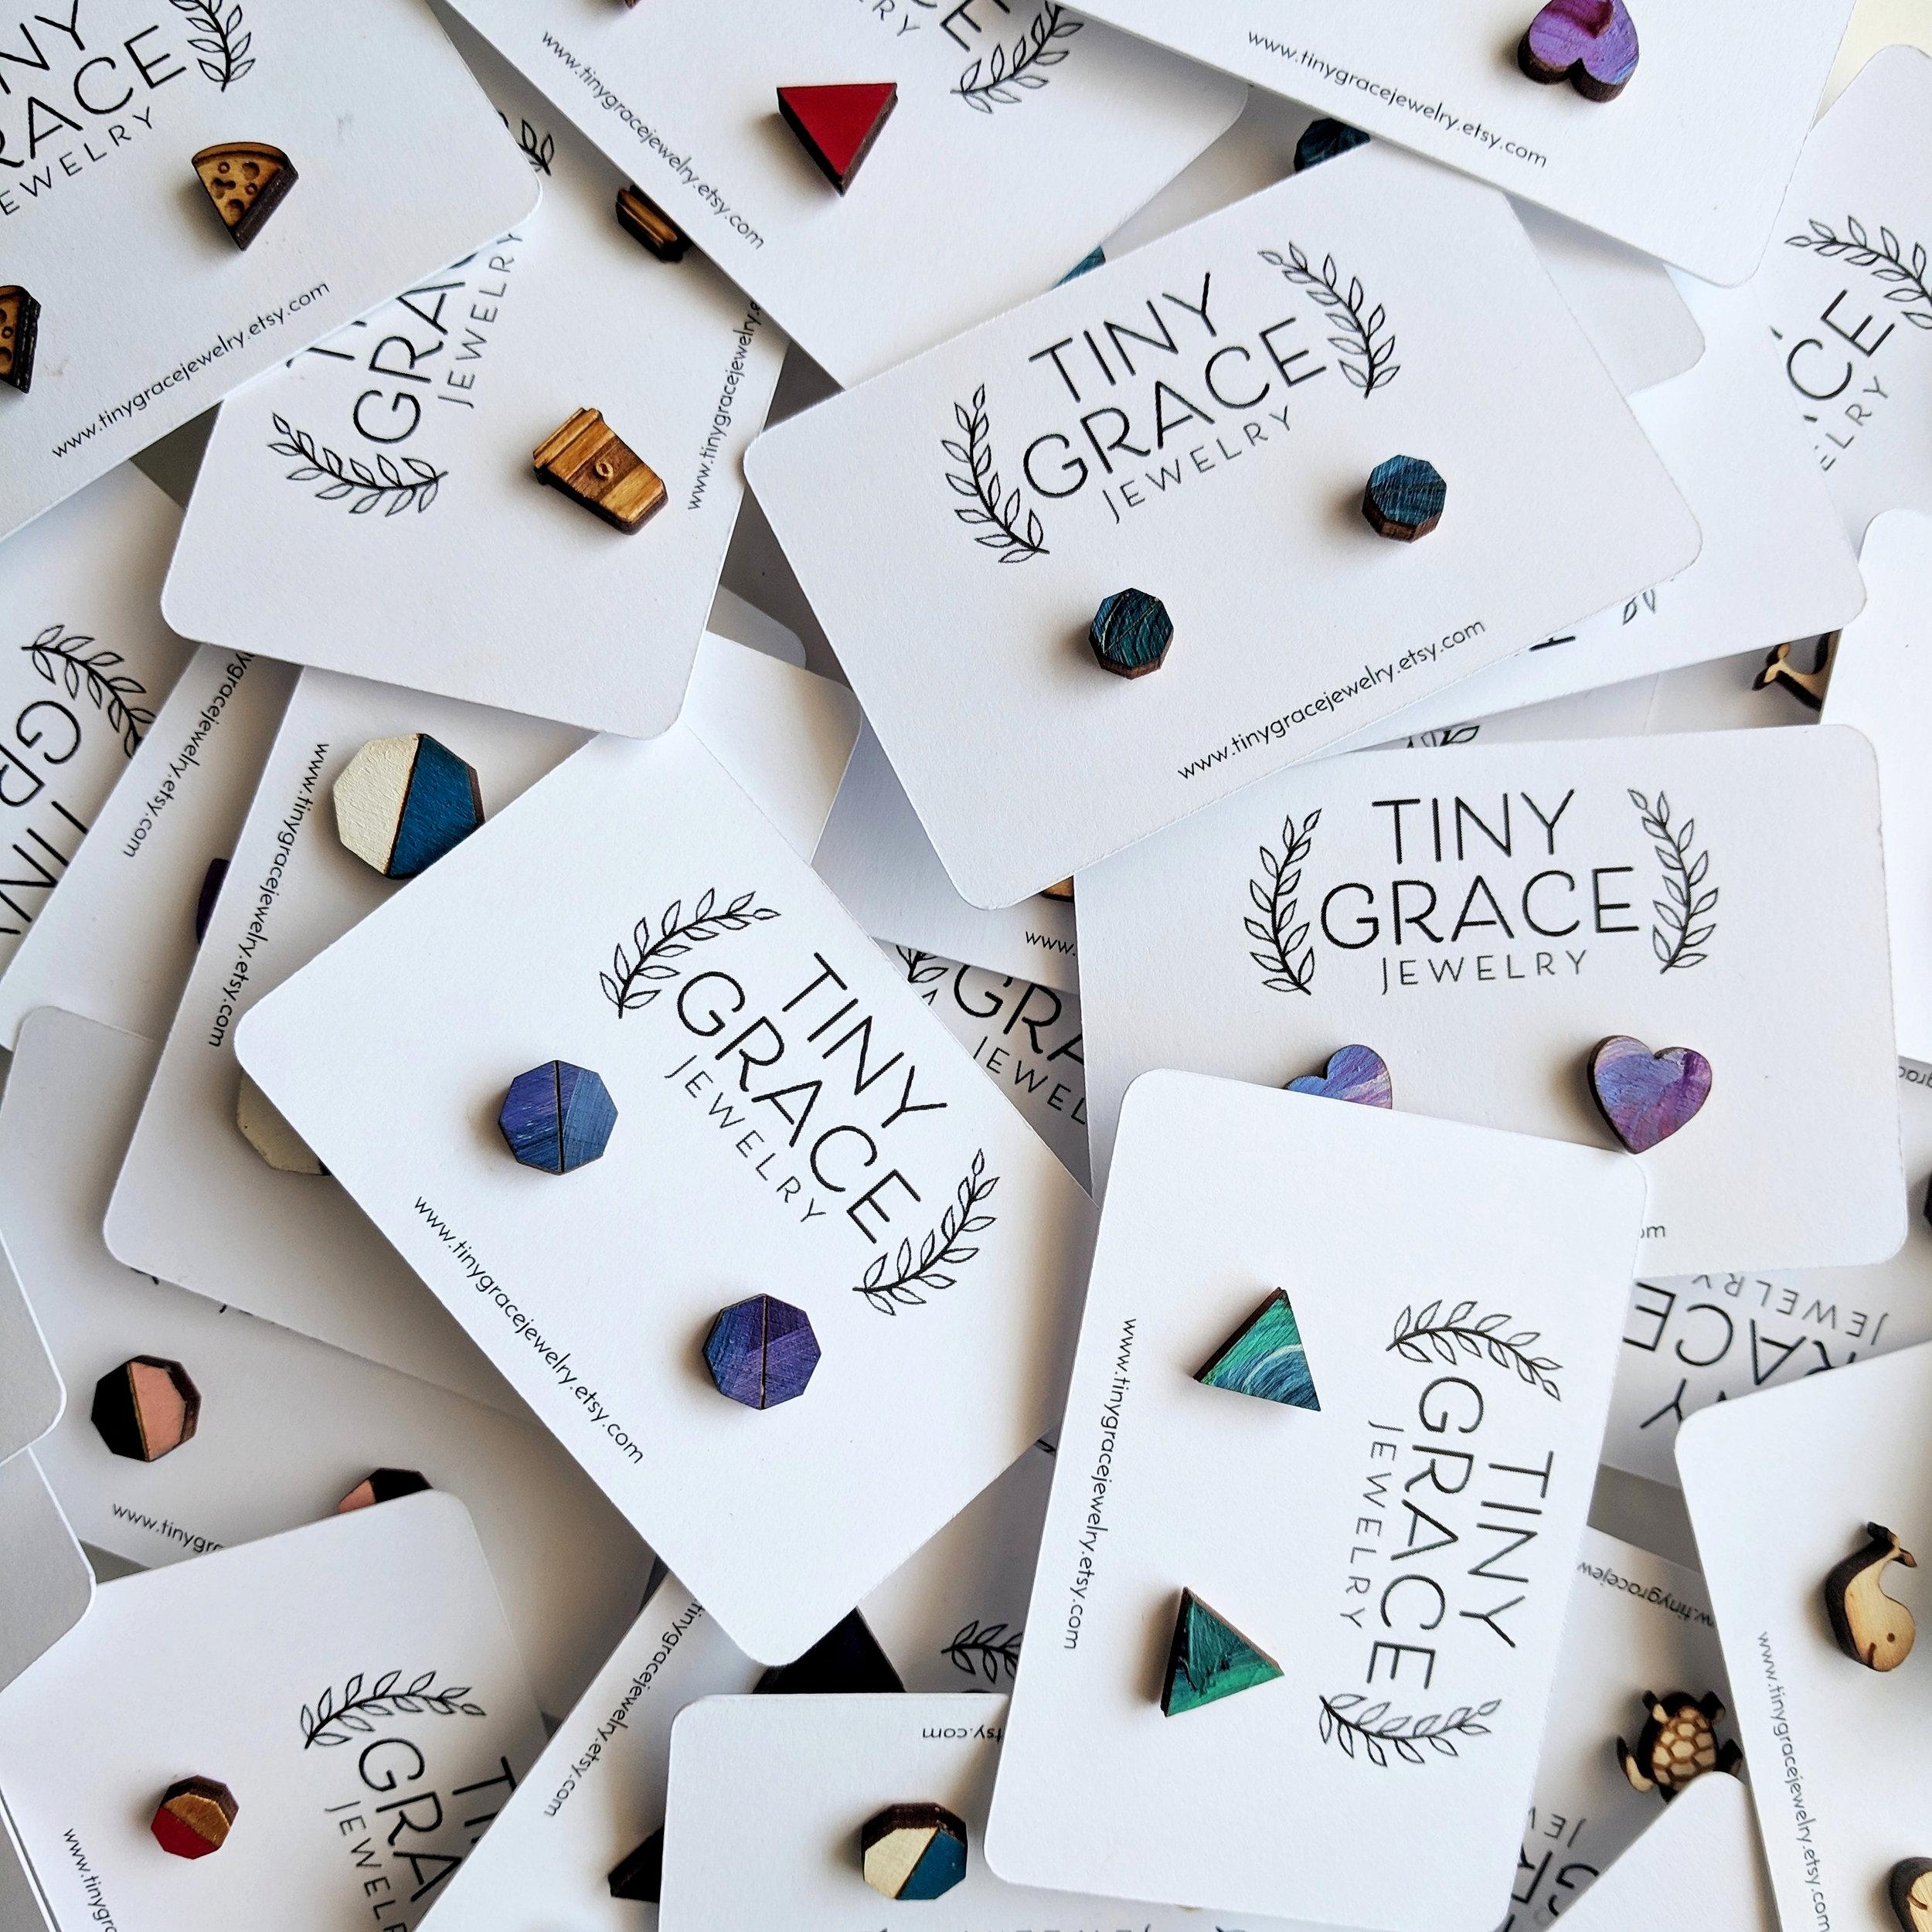 earrings on cards.jpg